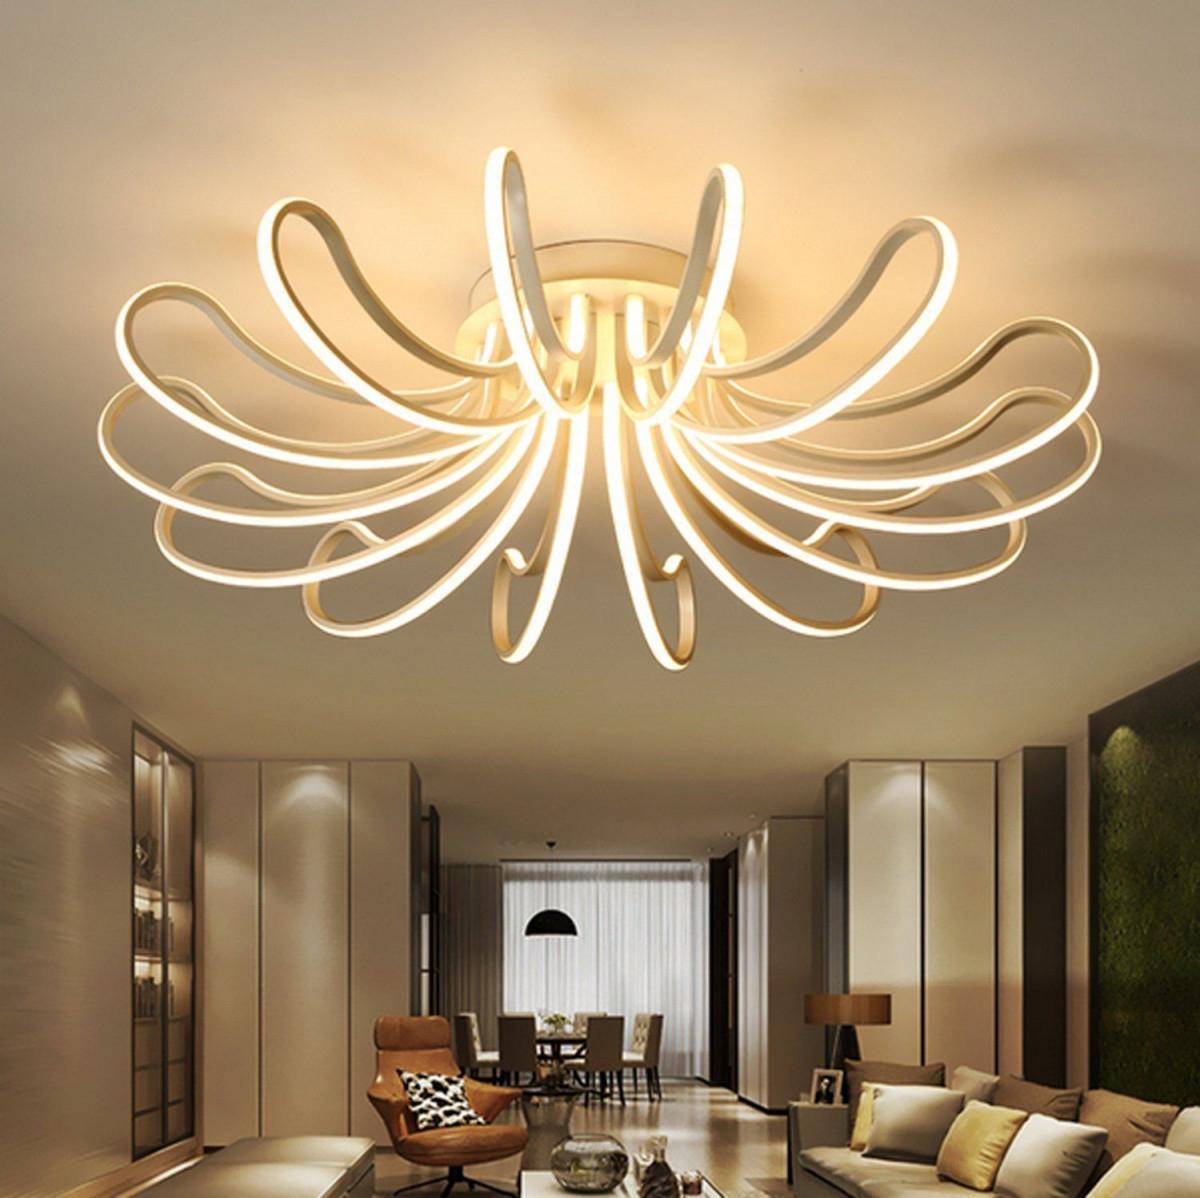 Waineg Designer Moderne Leddeckenleuchten Wohnzimmer von Design Wohnzimmer Lampe Photo